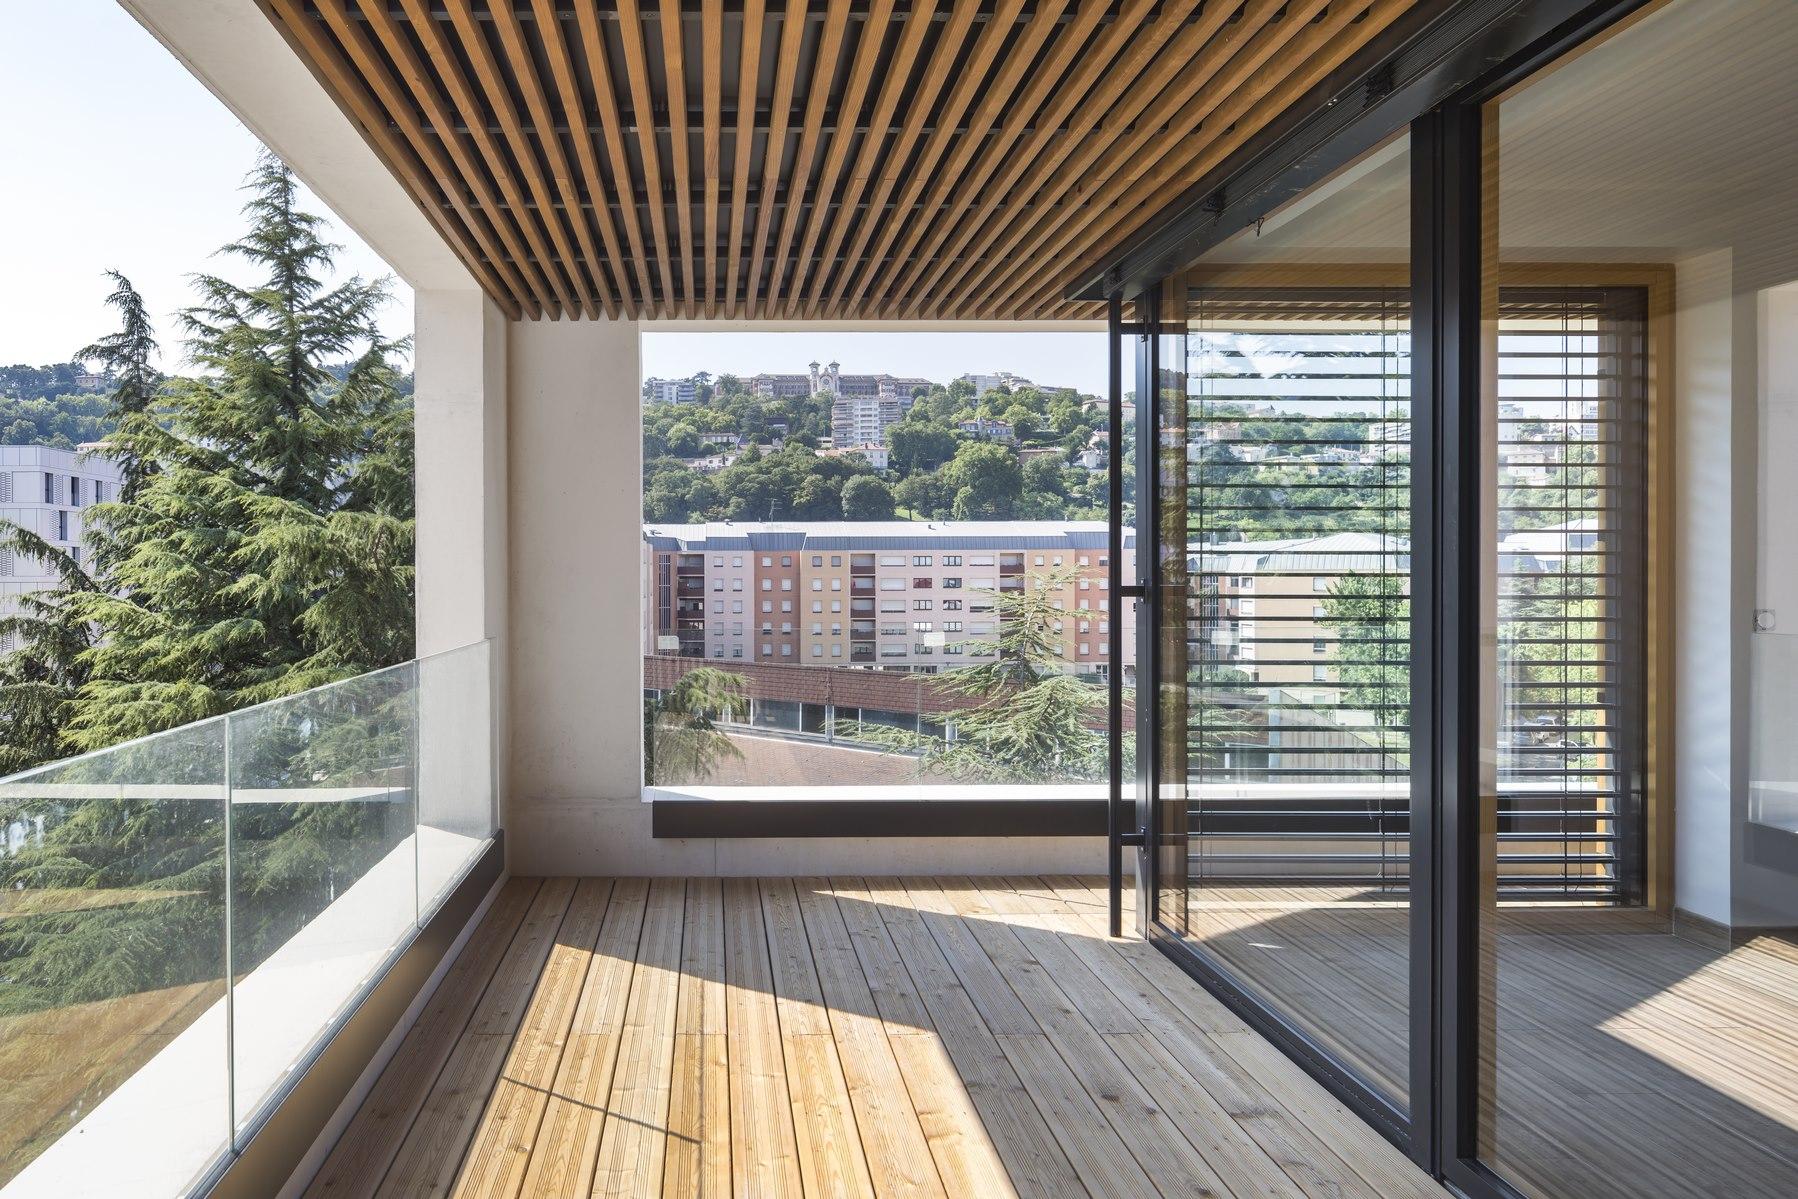 Ilot G / Les Loges de Saone - Lyon confluence : loggia - Z Architecture